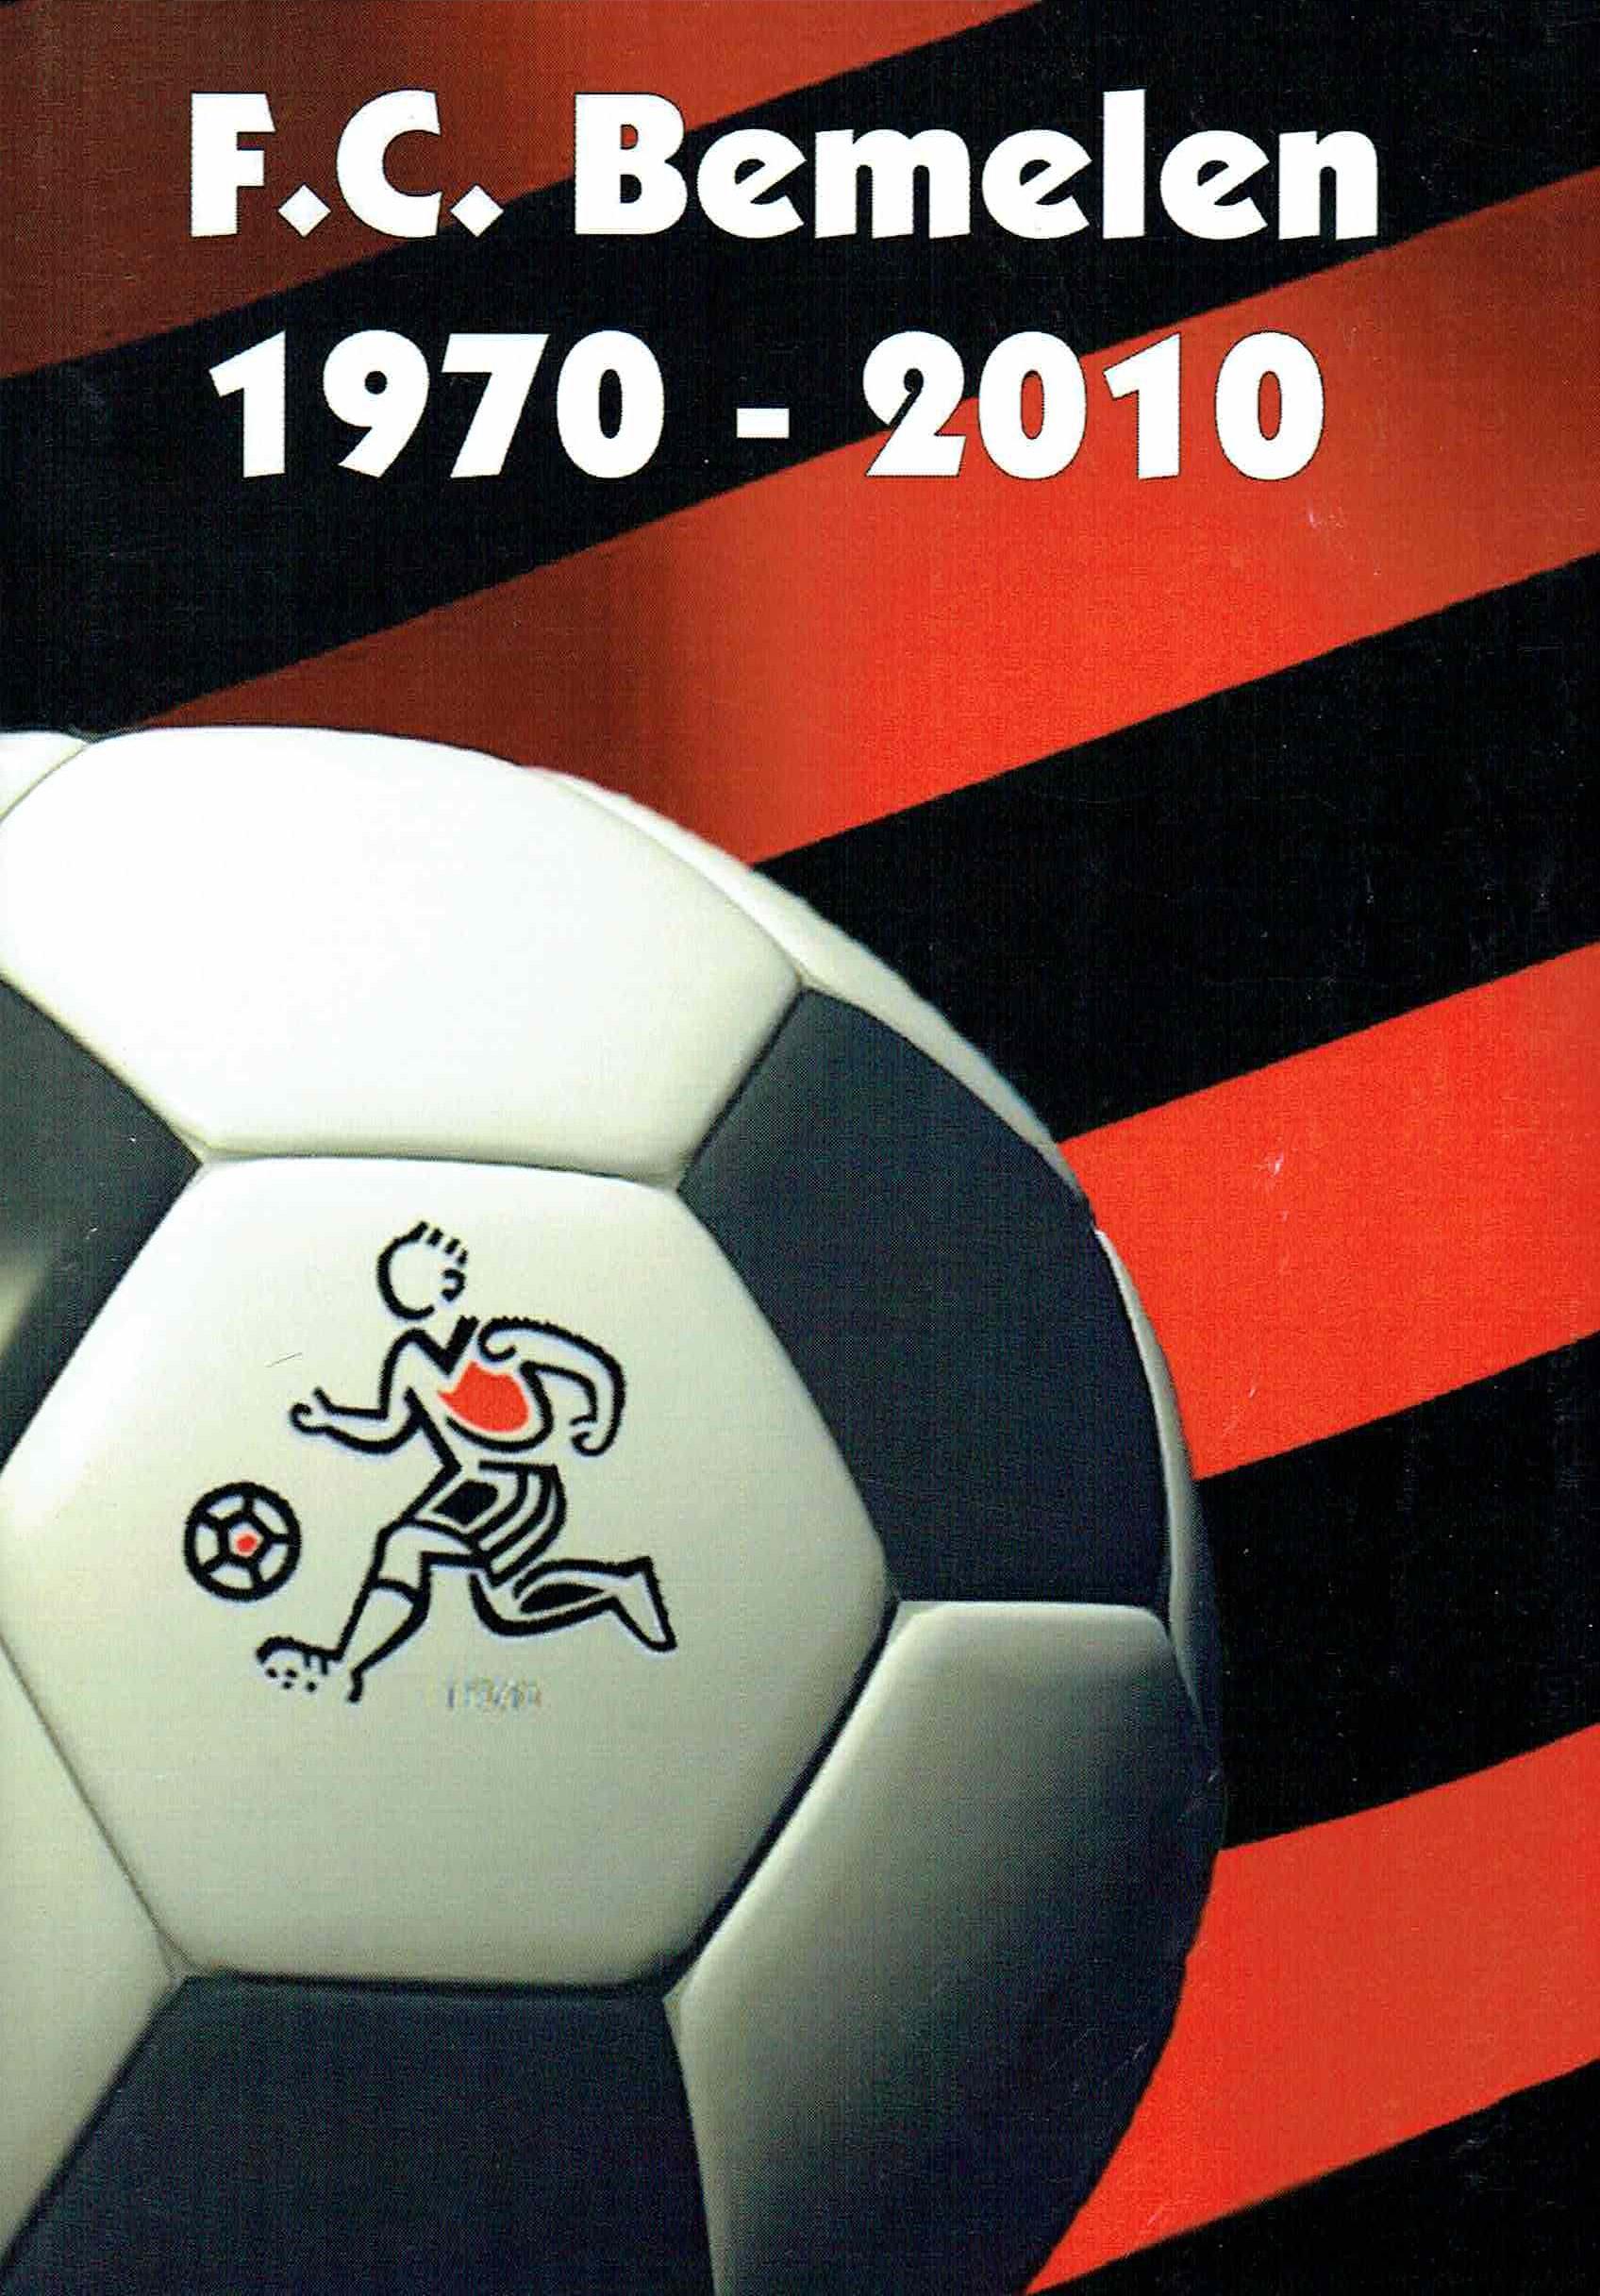 2010 - Ter gelegenheid van 40 jarig bestaan FC Bemelen